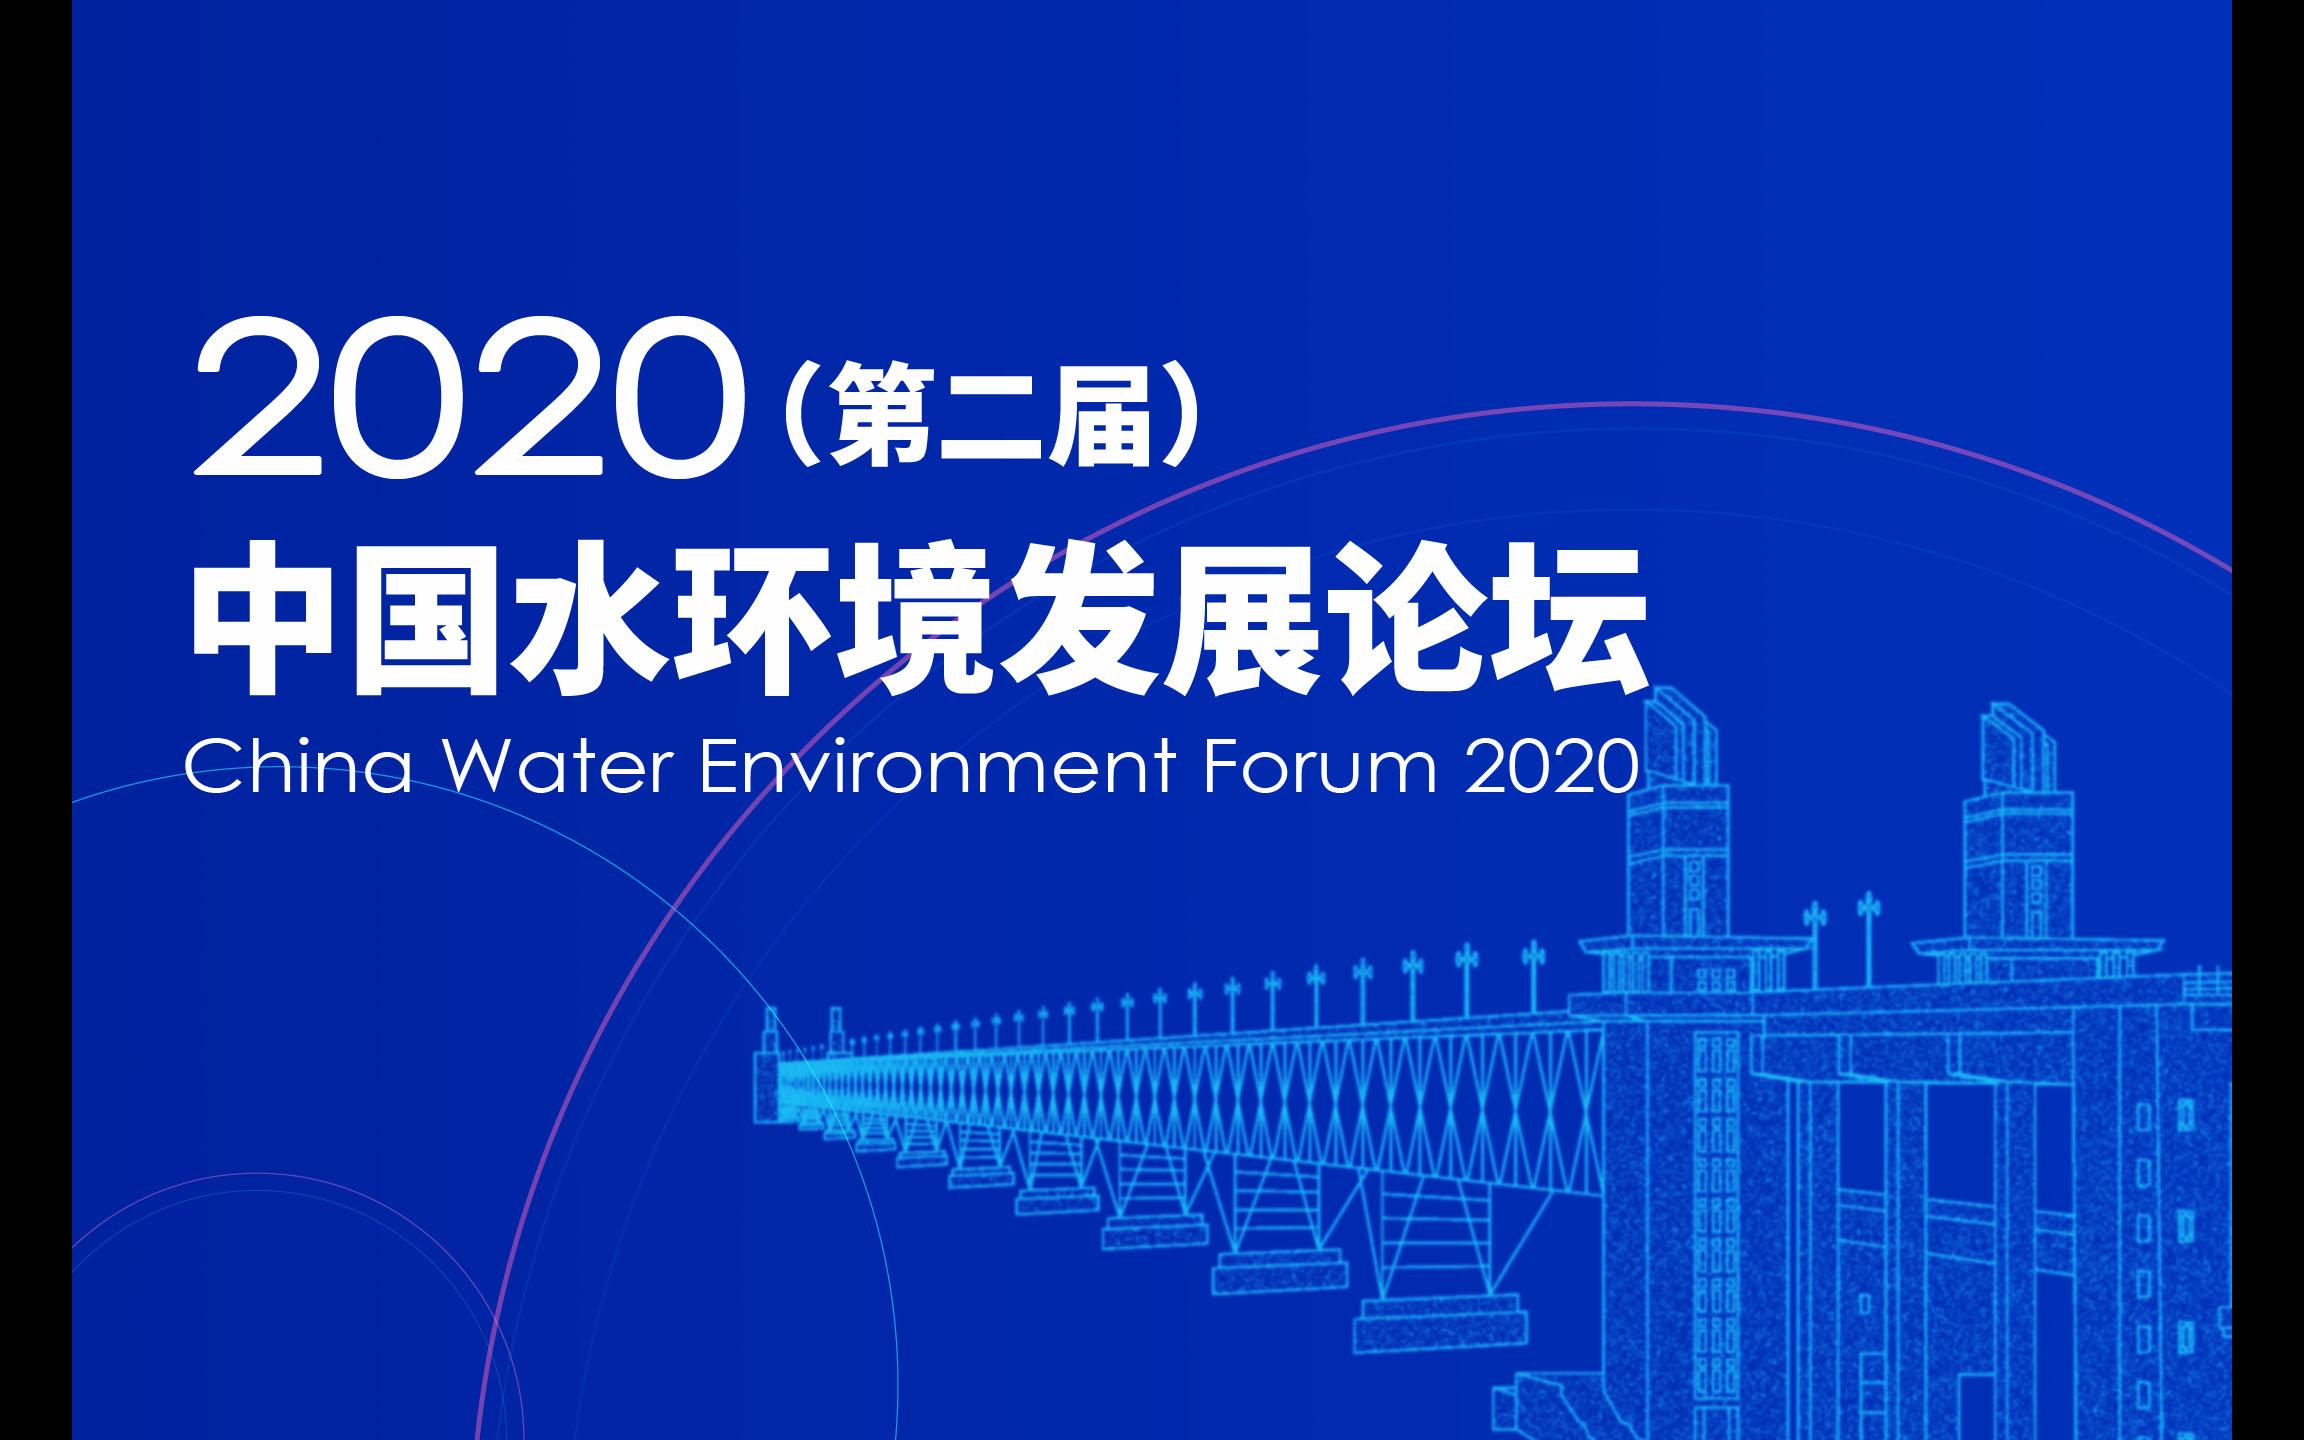 中国质量检验协会水环境工程技术与装备专业委员会会员年会暨水环境发展论坛